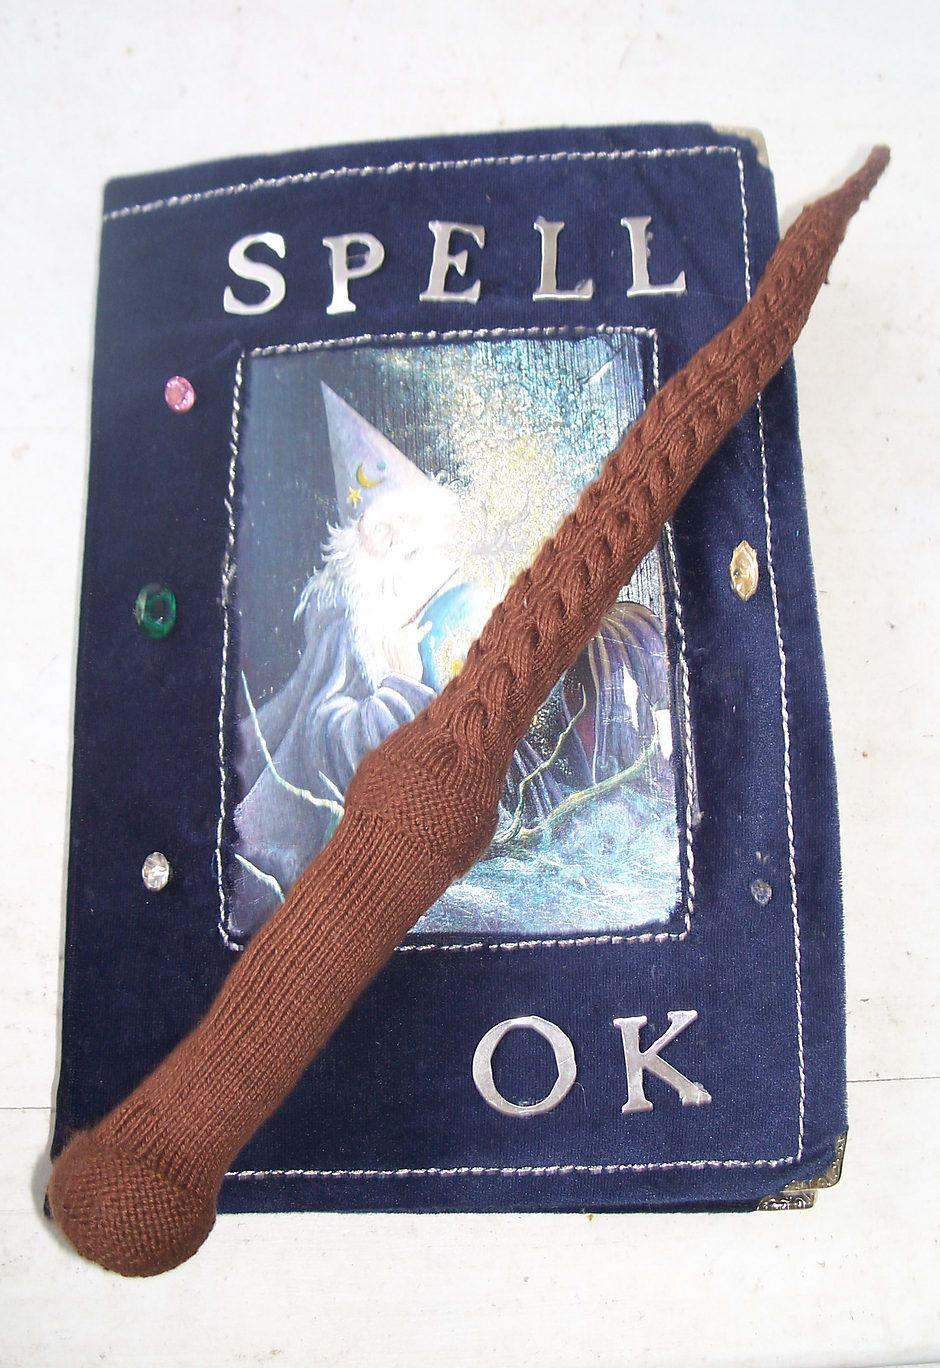 Harry Potter Knitting Patterns | Wand cores, Knitting patterns and Wand